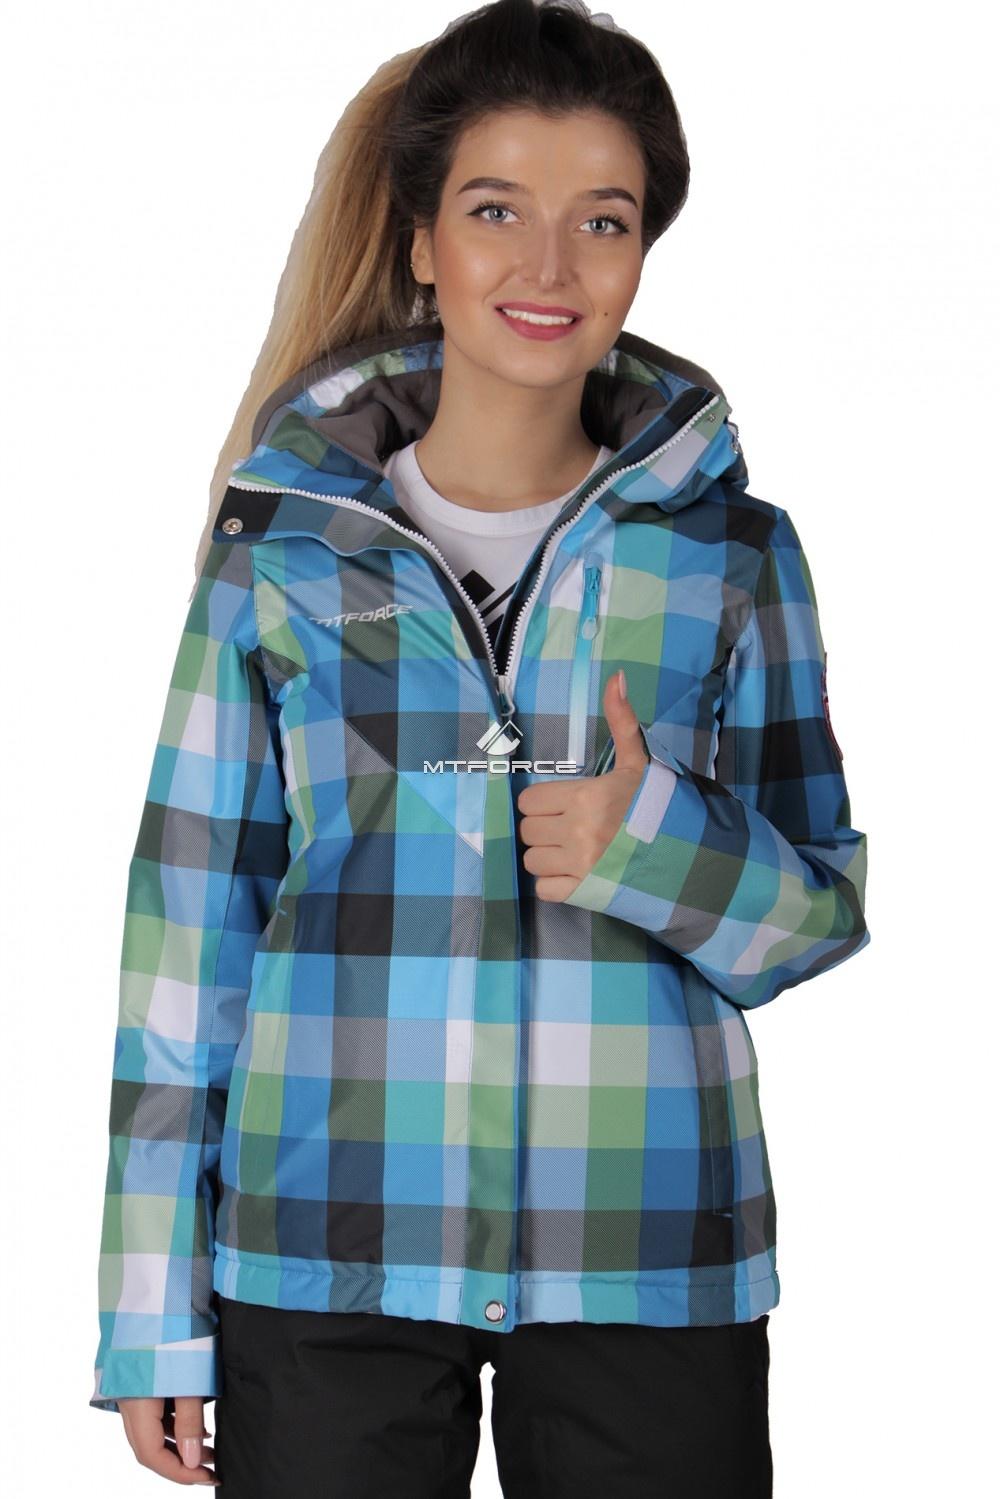 Купить оптом Костюм женский осень весна голубого цвета 017211Gl в Самаре